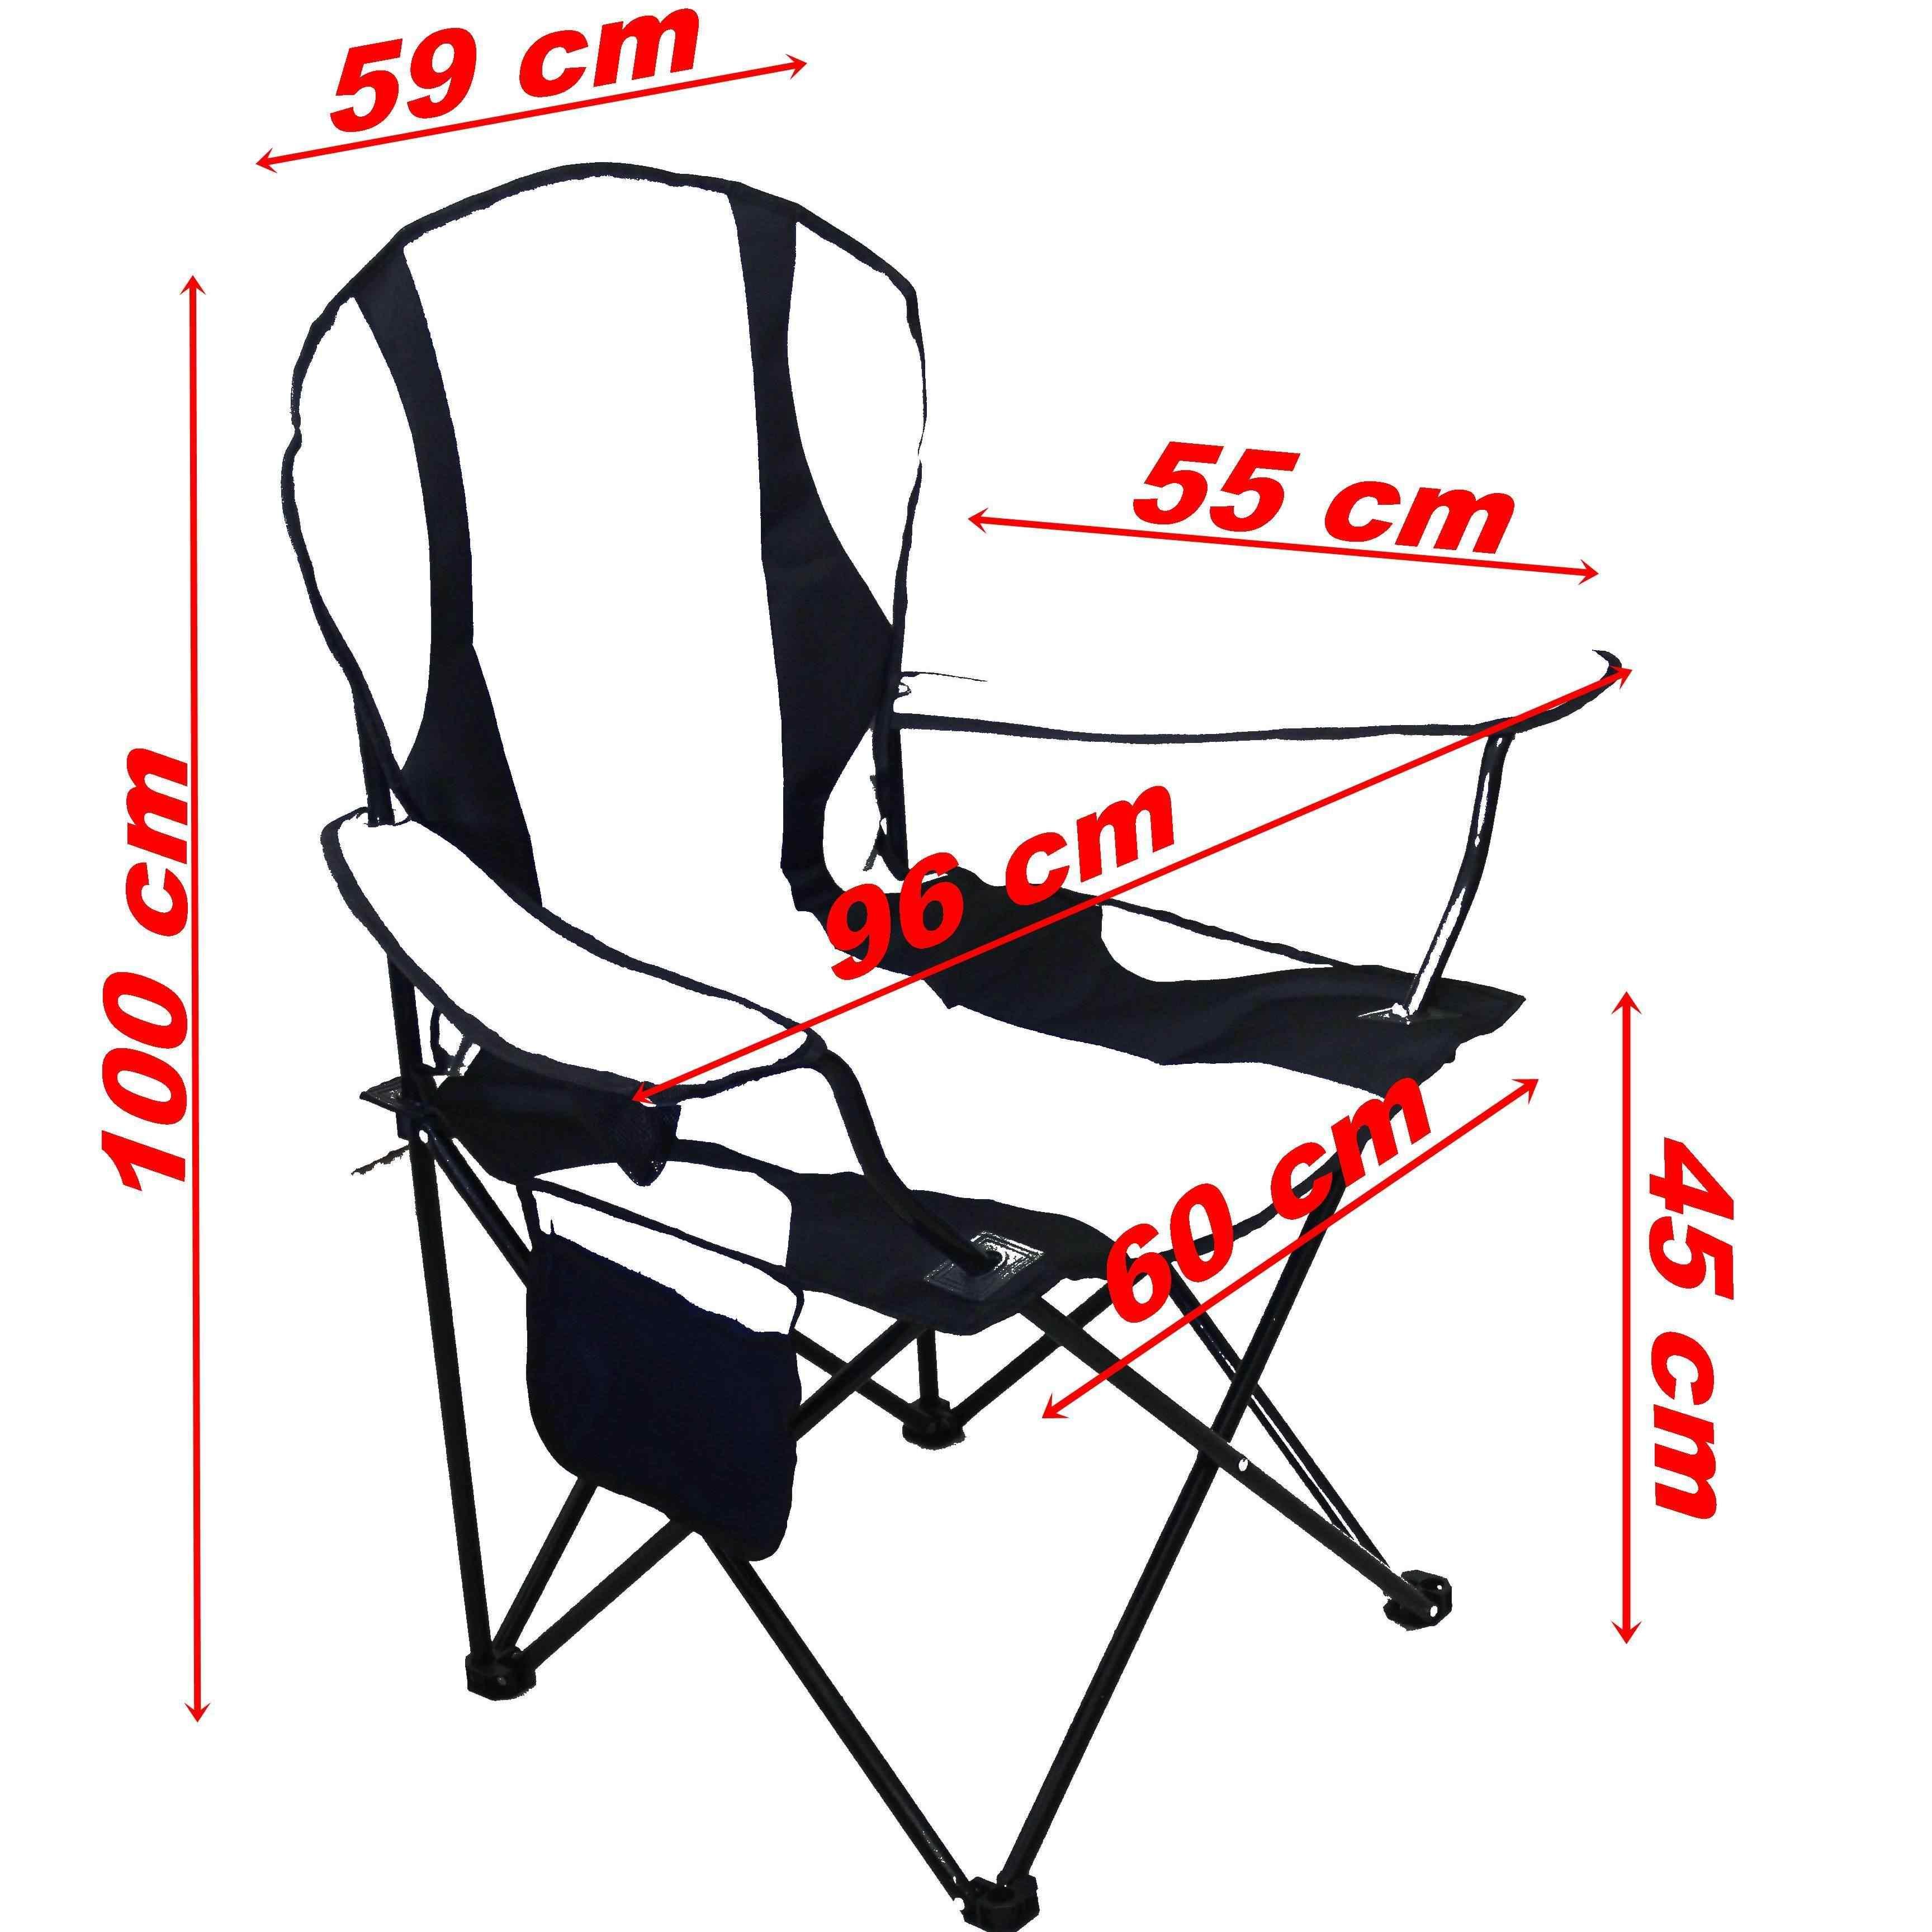 Mega Büyük Kamp Sandalyesi xl Kamp Sandalyesi Katlanır Sandalye